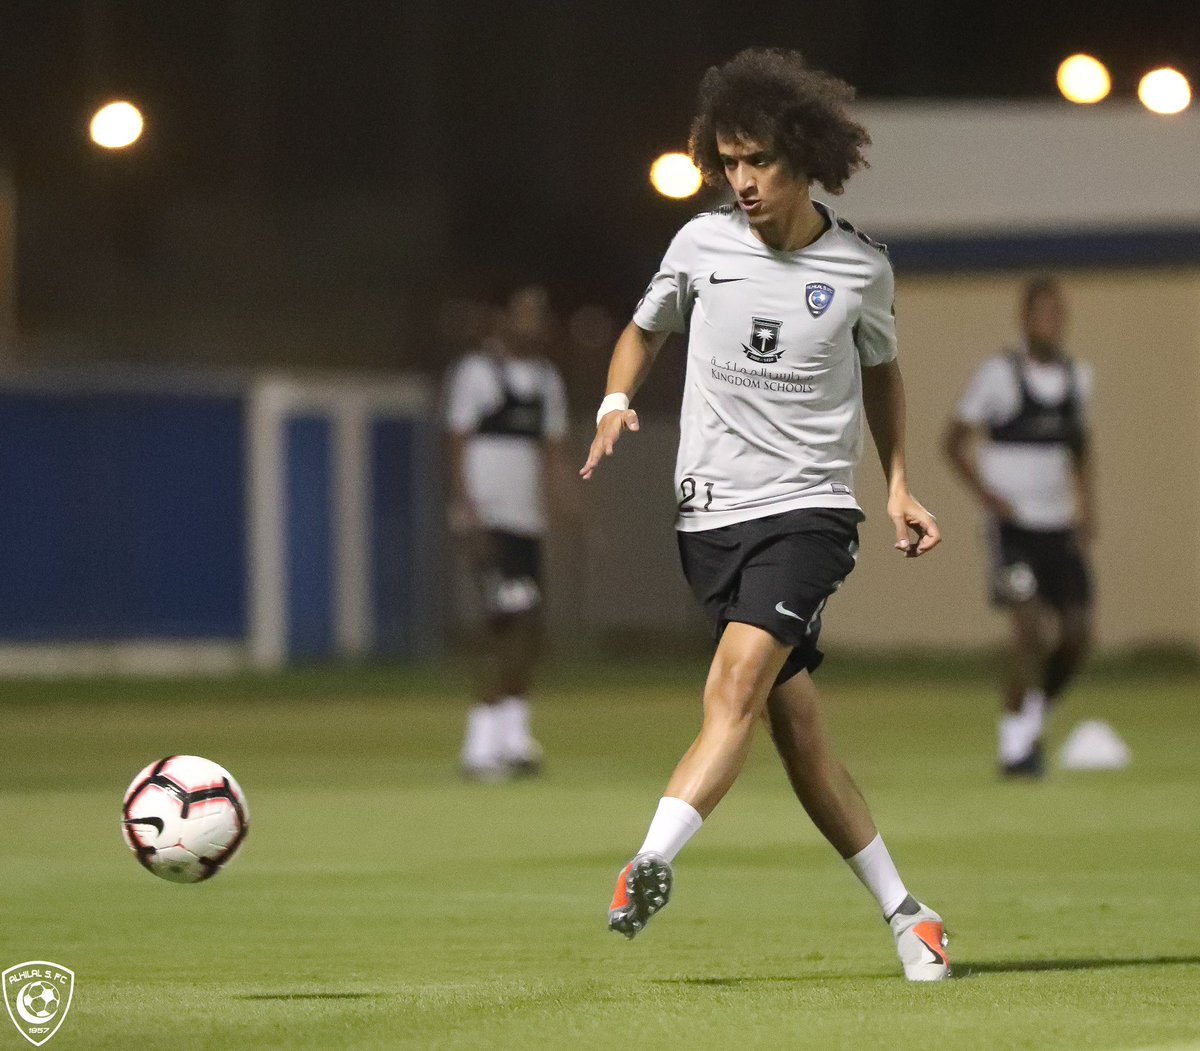 عموري مفاجأة الزعيم لجماهيره قبل مباراة الهلال في البطولة العربية